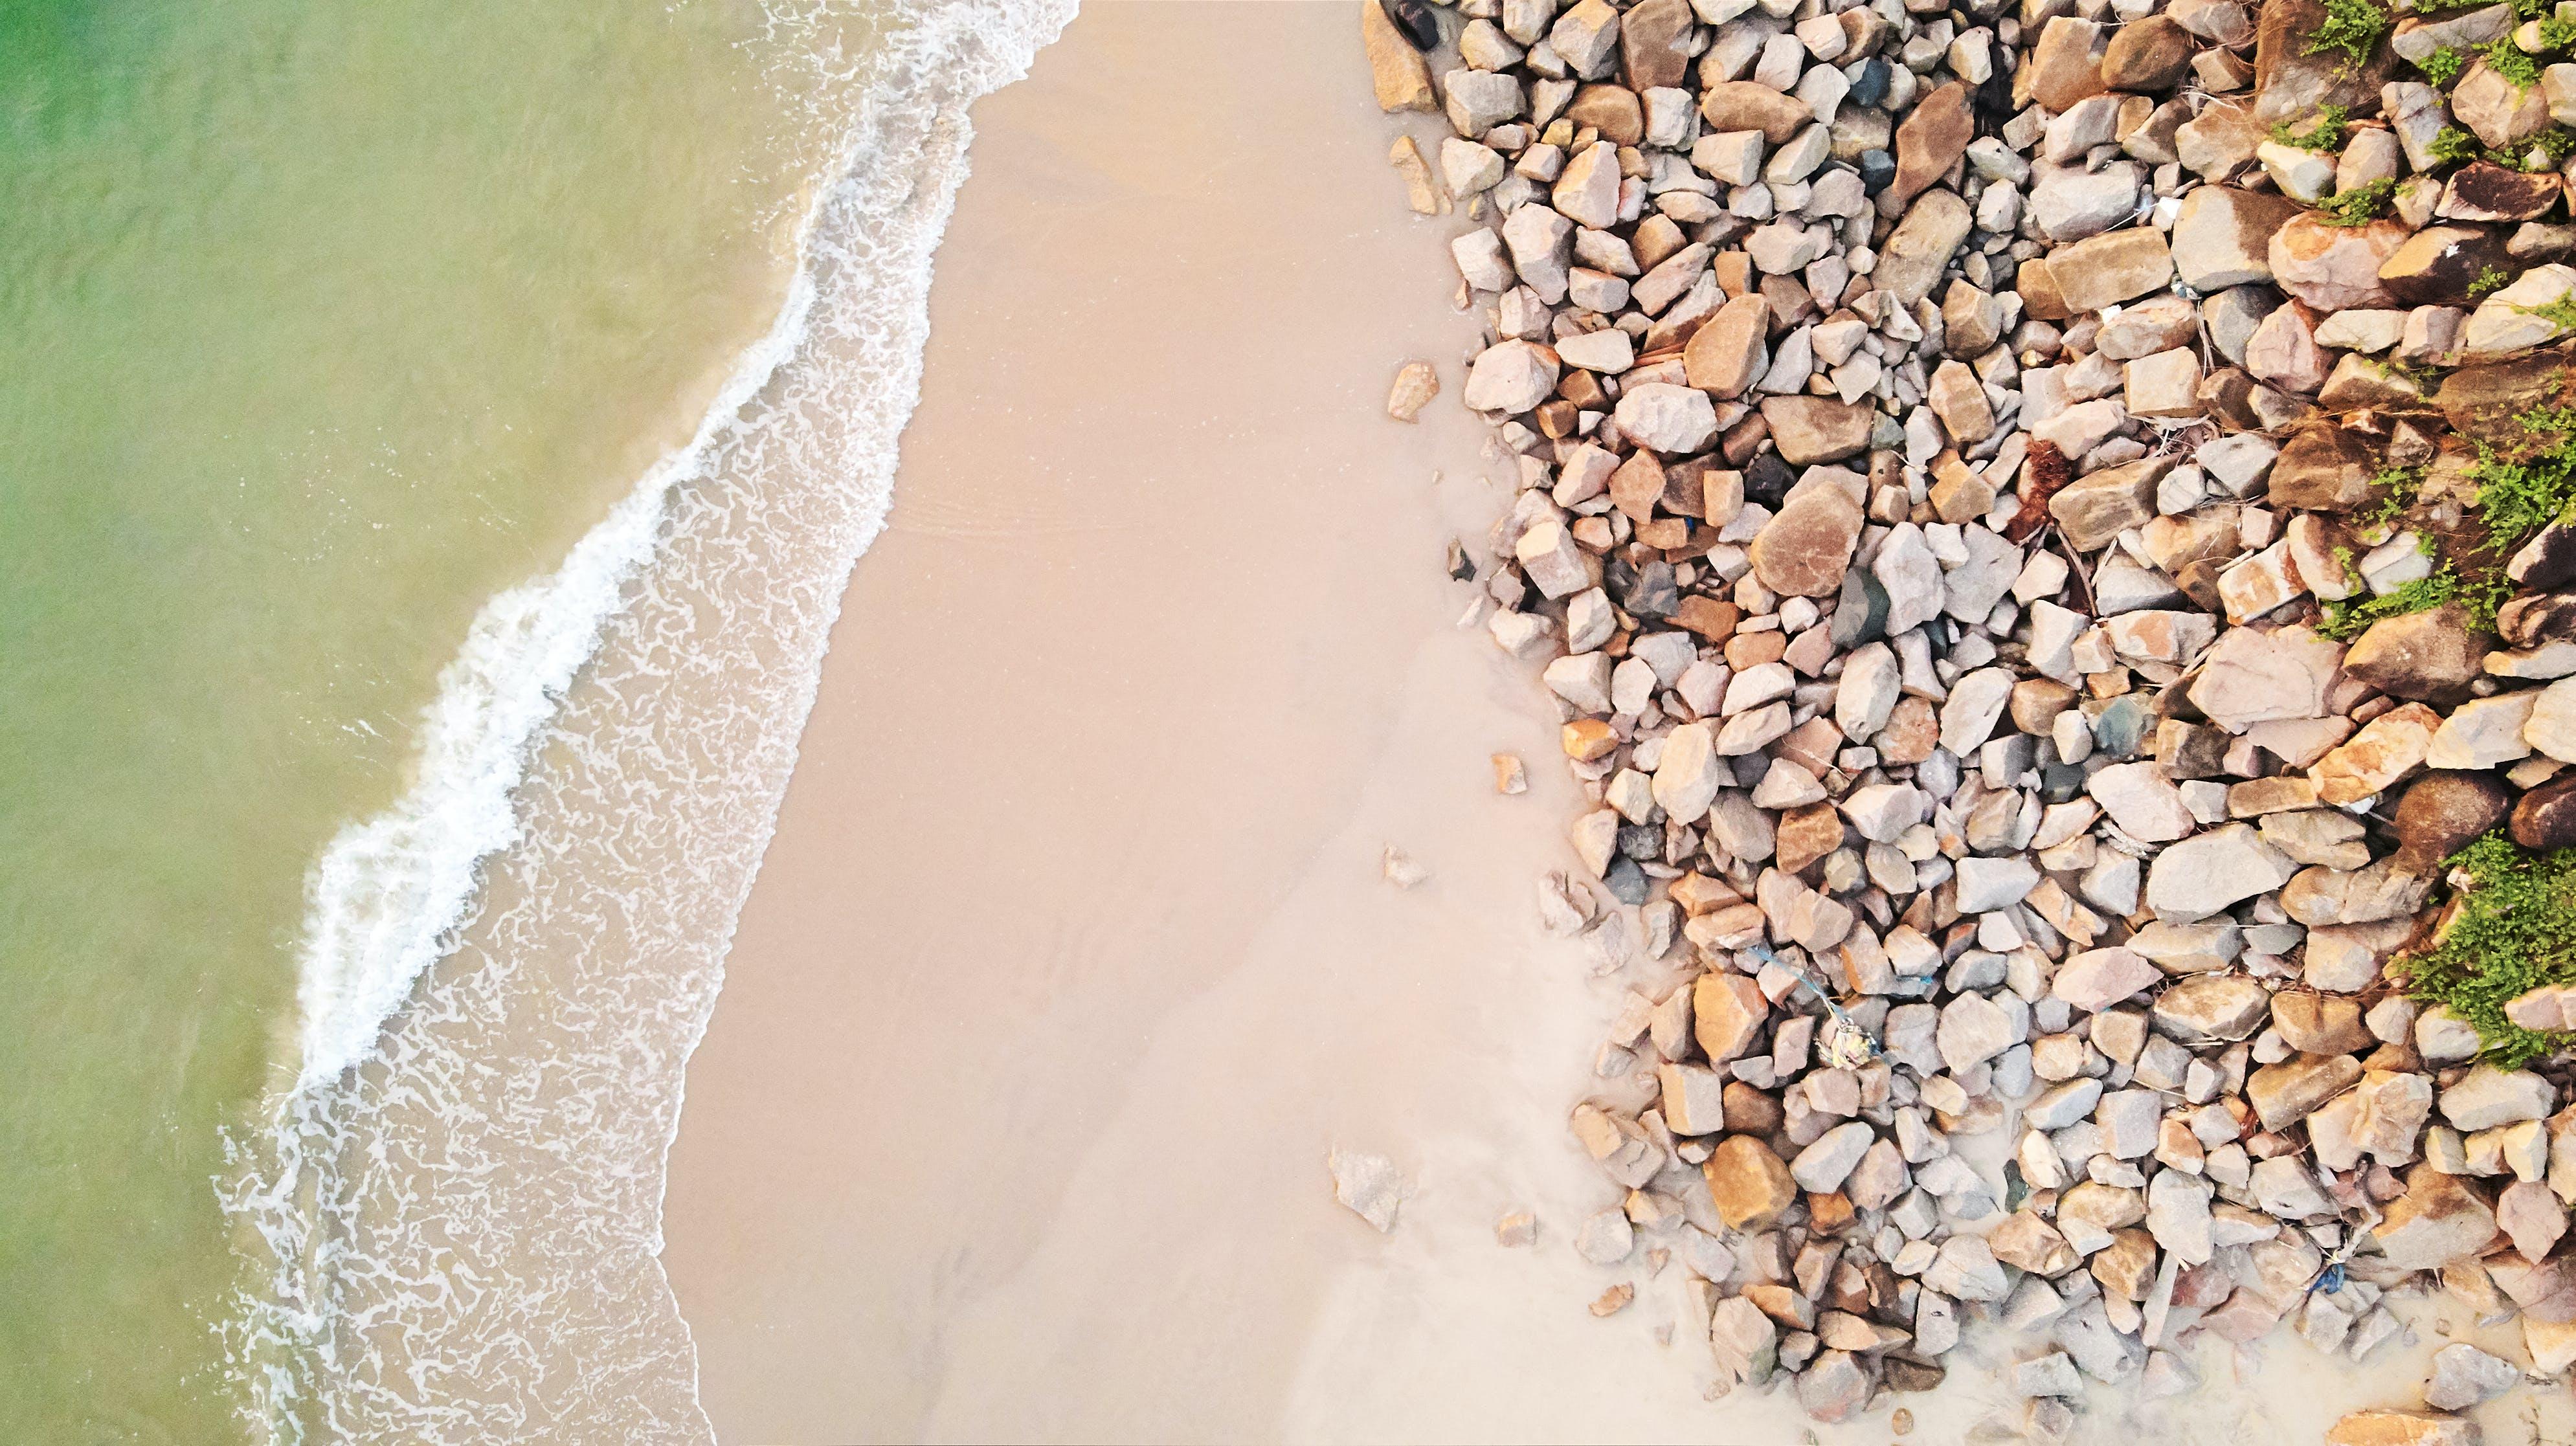 hava fotoğrafçılığı, kayalar, kuş bakışı, plaj içeren Ücretsiz stok fotoğraf